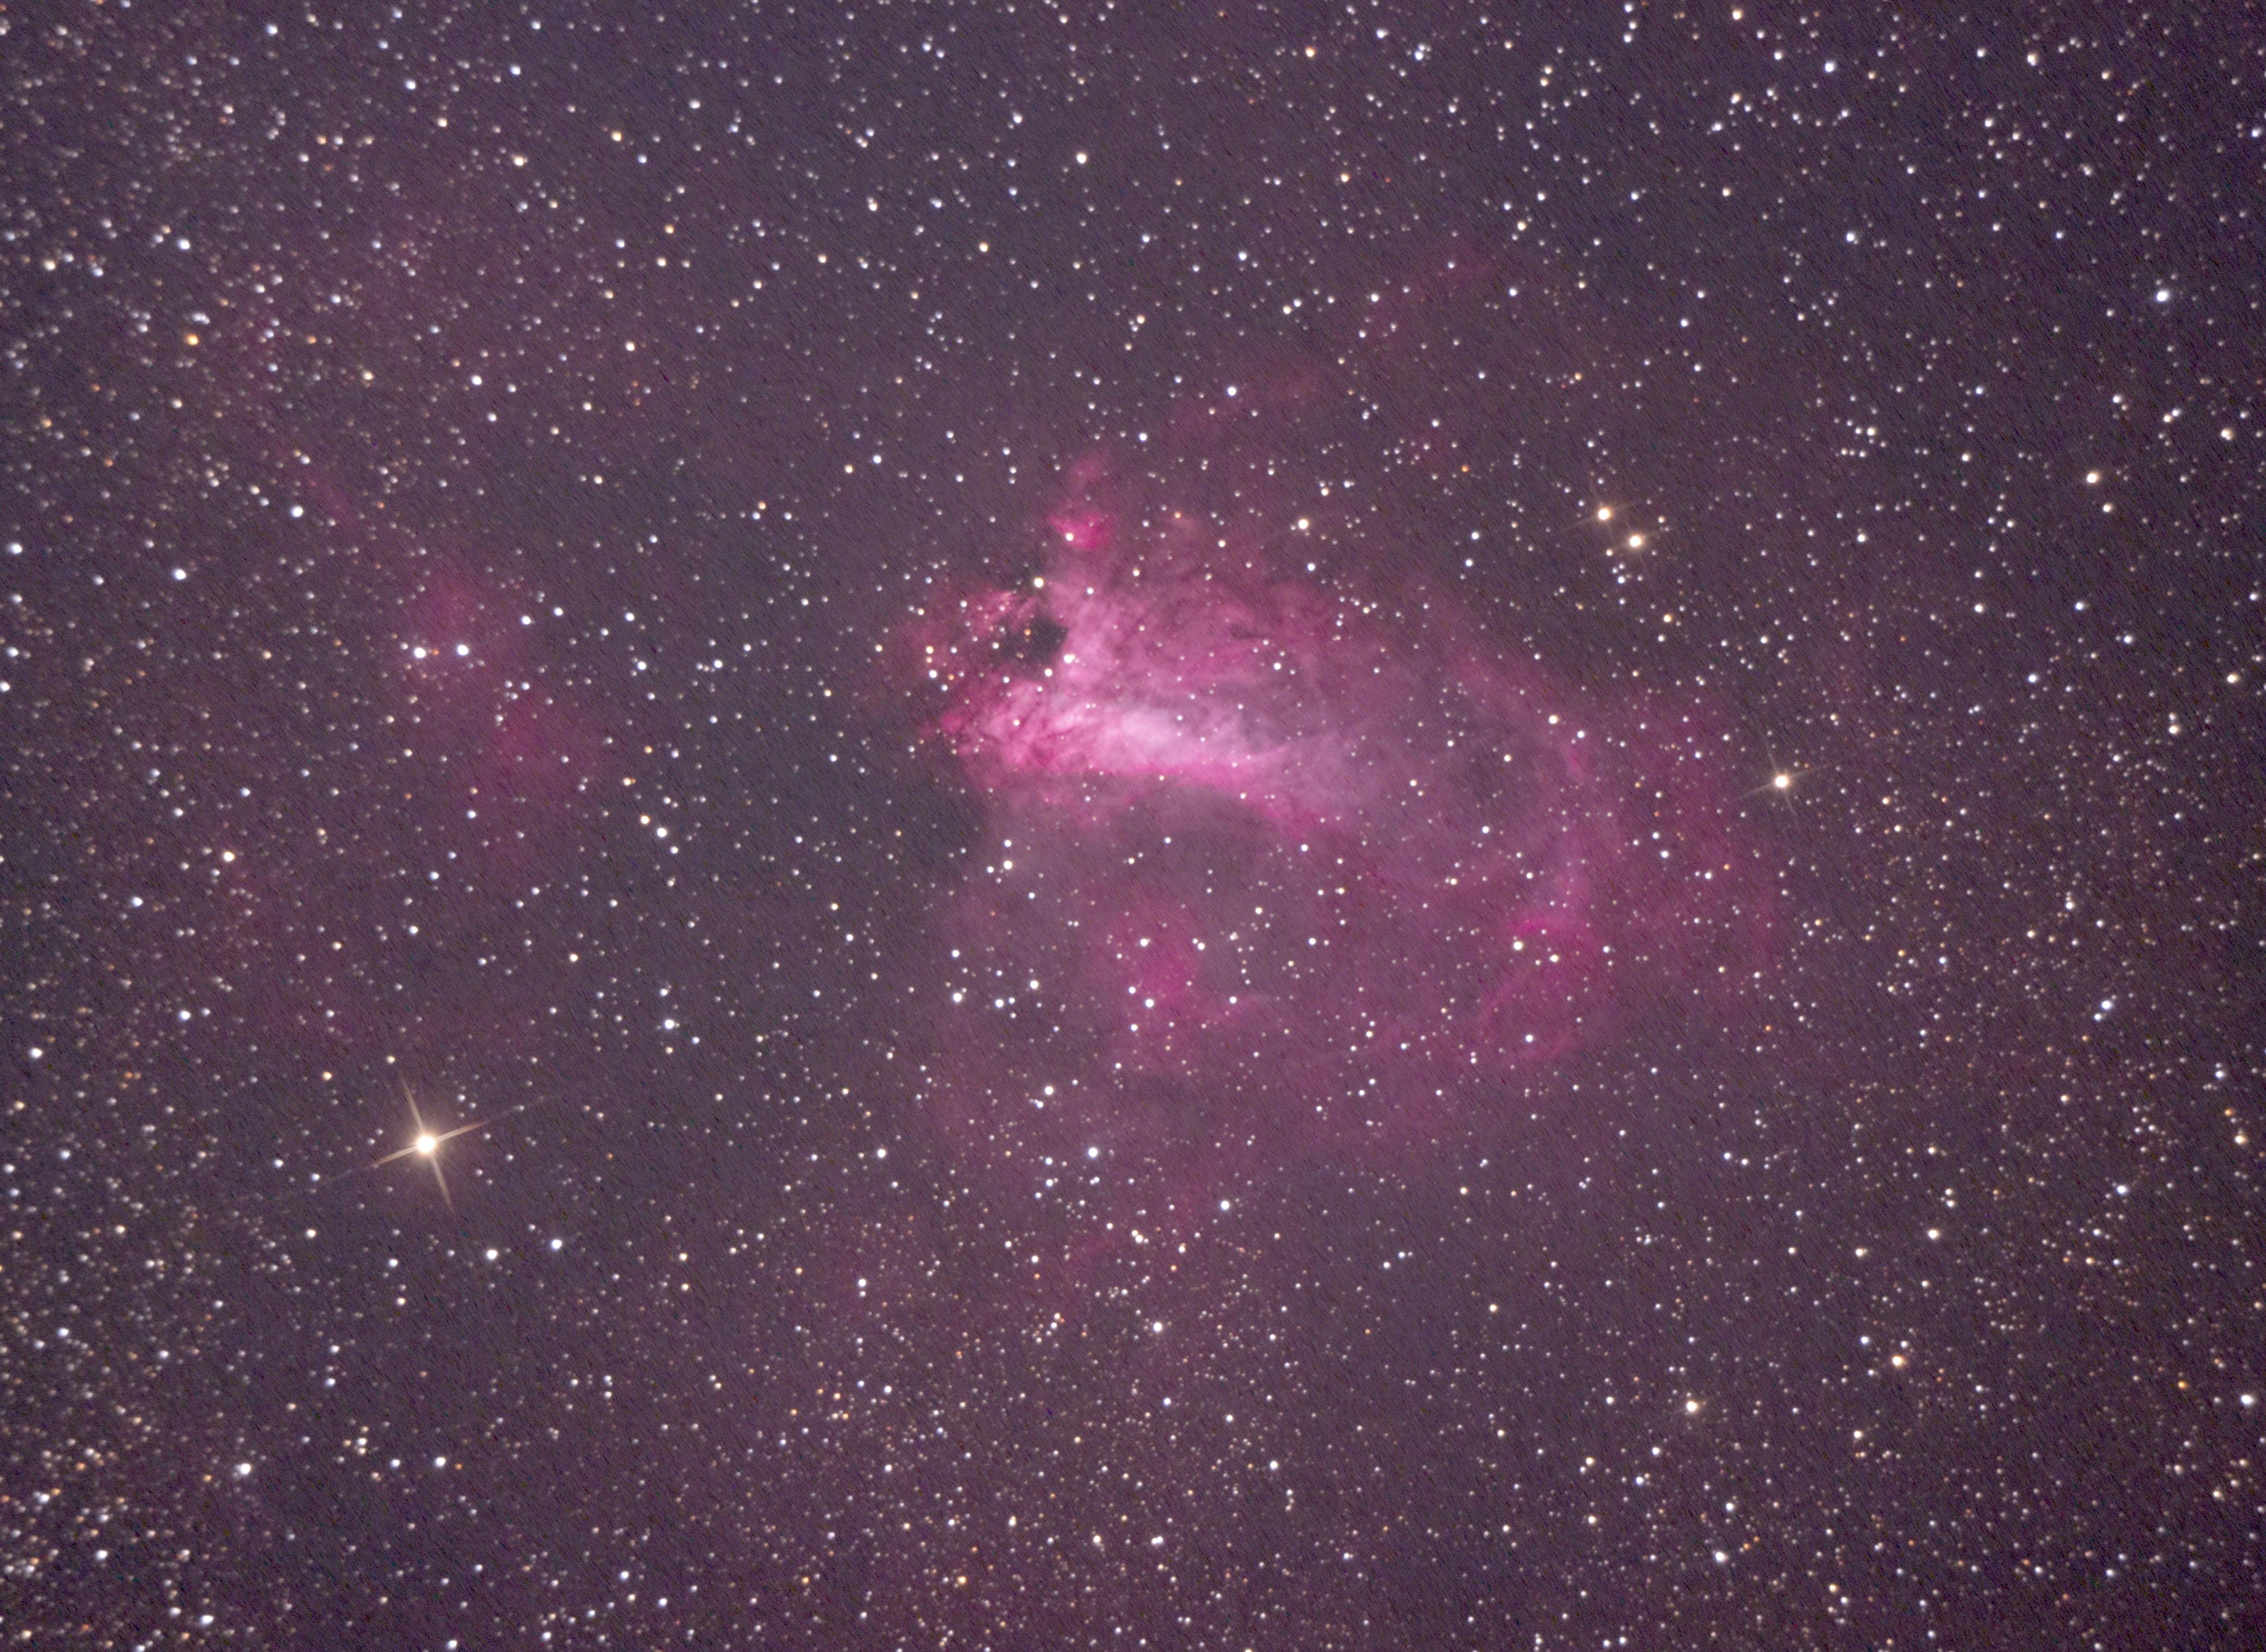 swan-nebula-9065a33bfce06c350b6319853ca1ea8138f4ec40